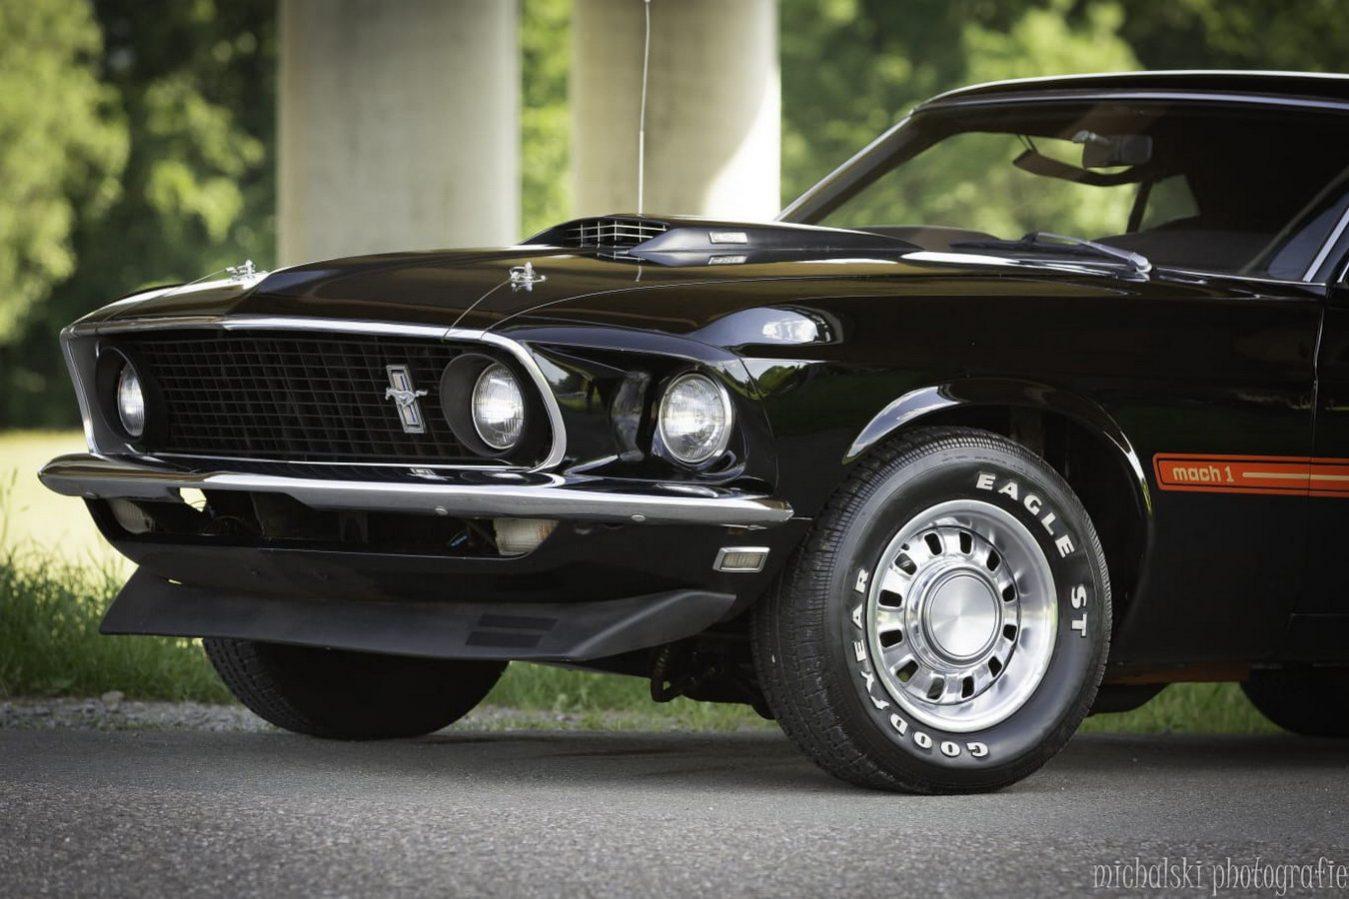 2003 Mustang Cobra Leergewicht